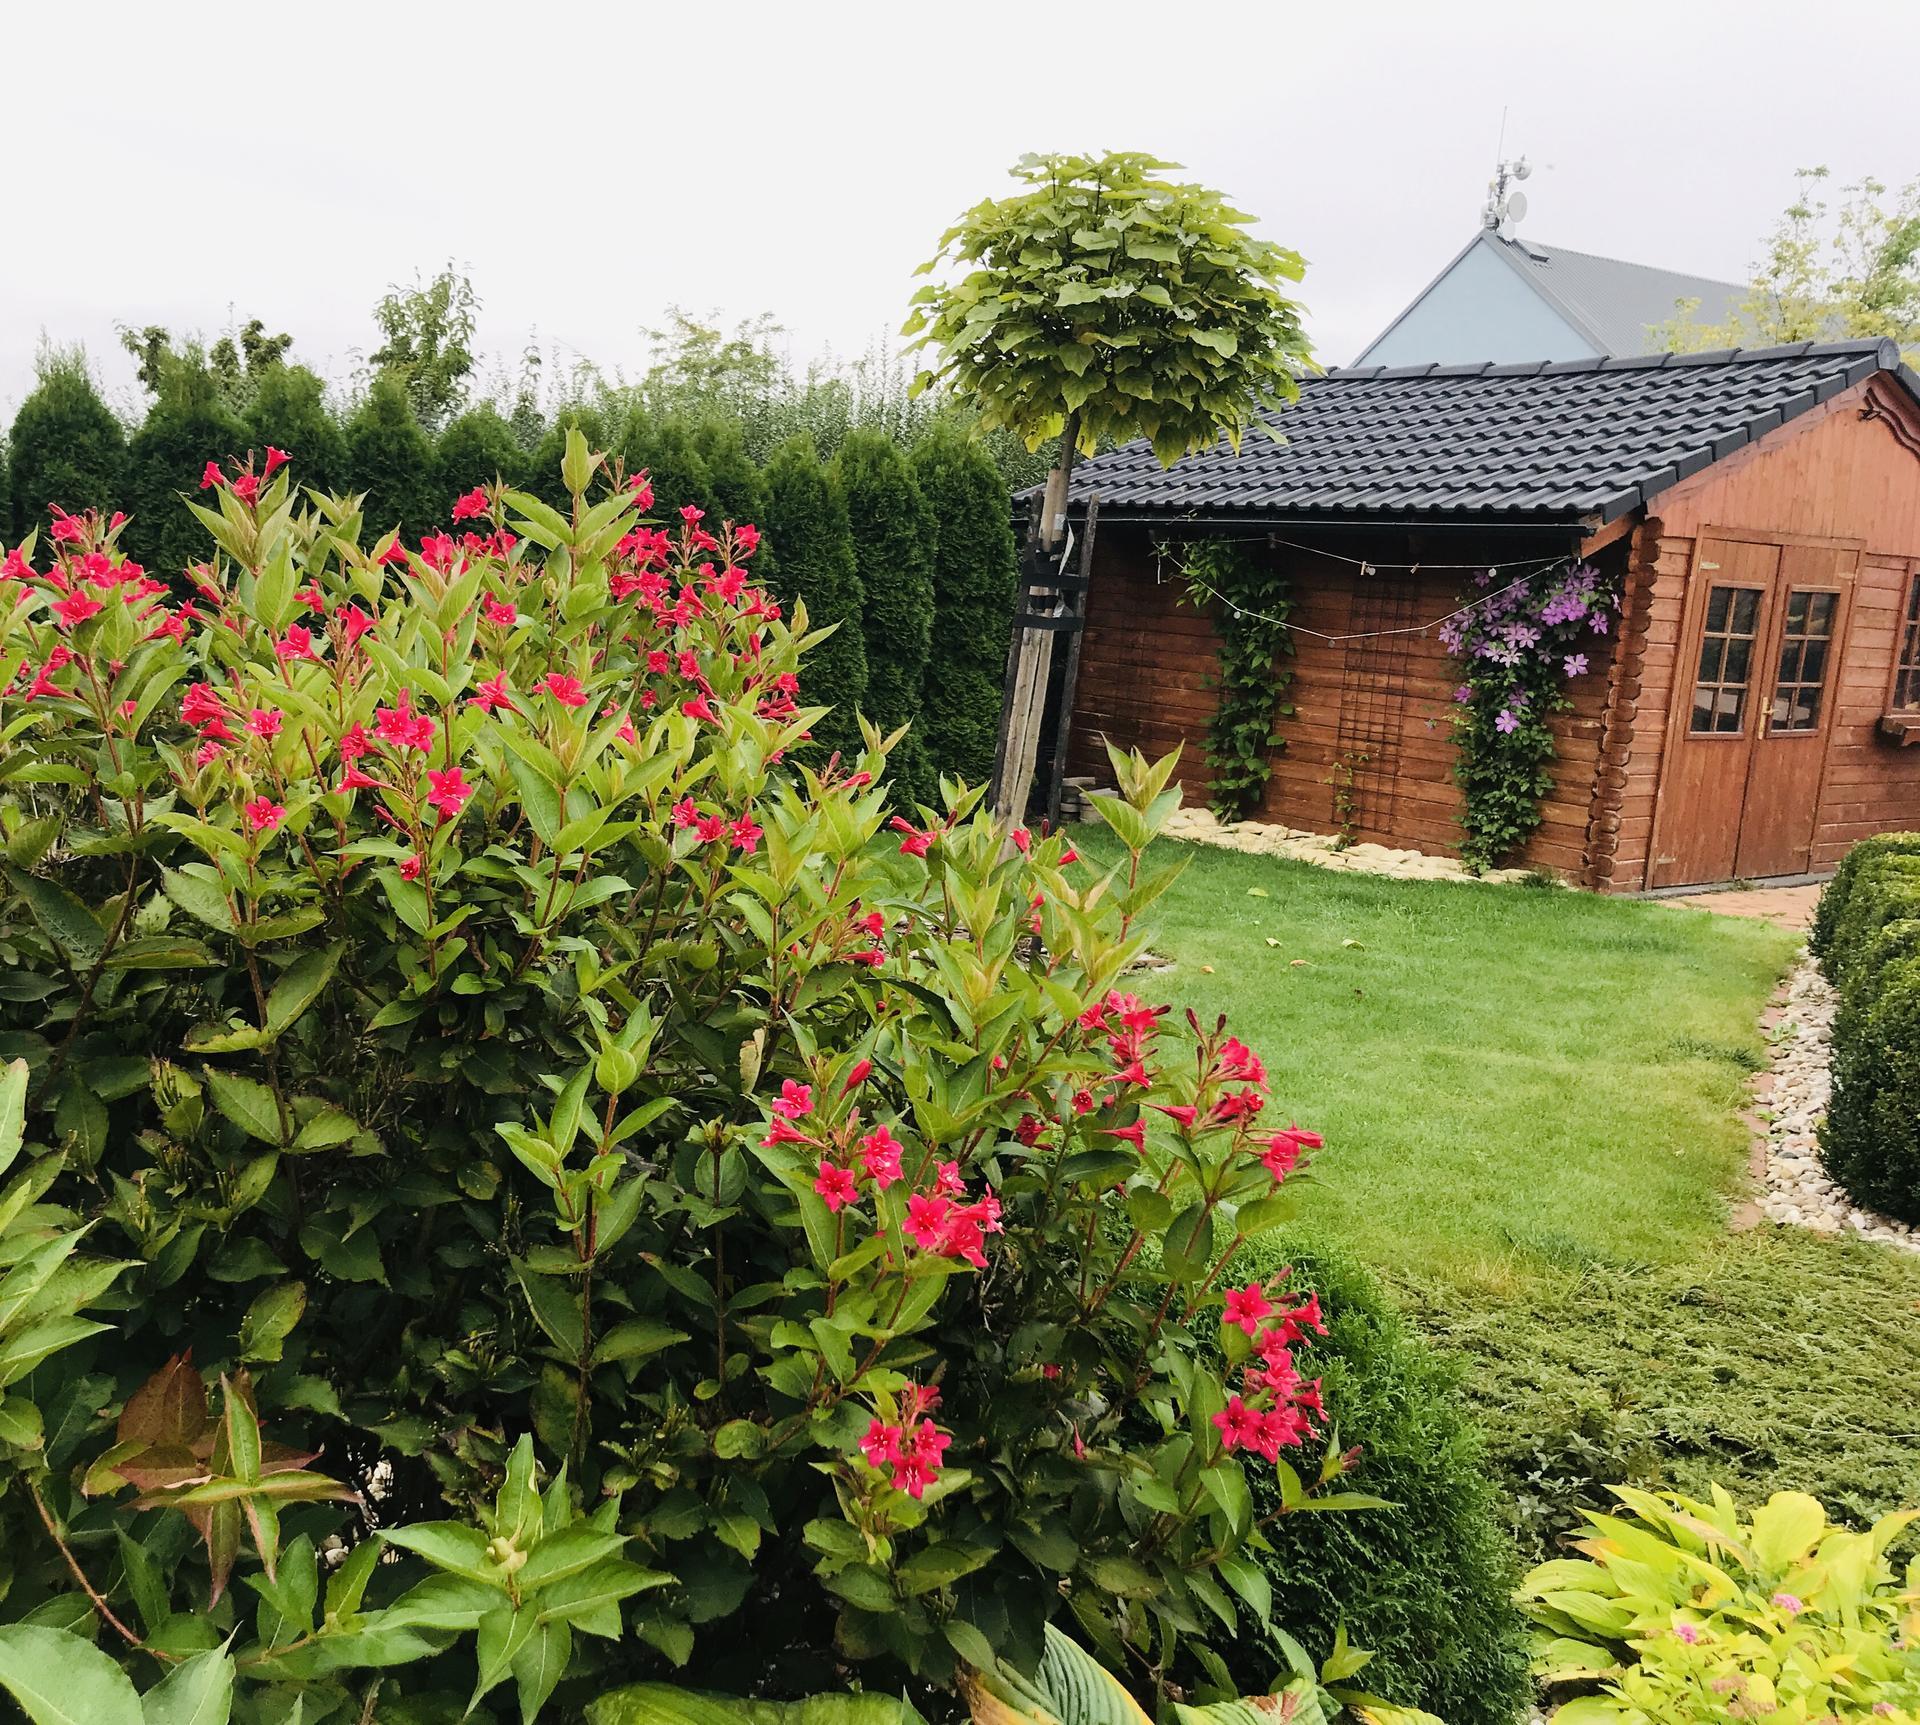 Naše barevná zahrada 🌸 - Vajgelie kvetou podruhe 👌